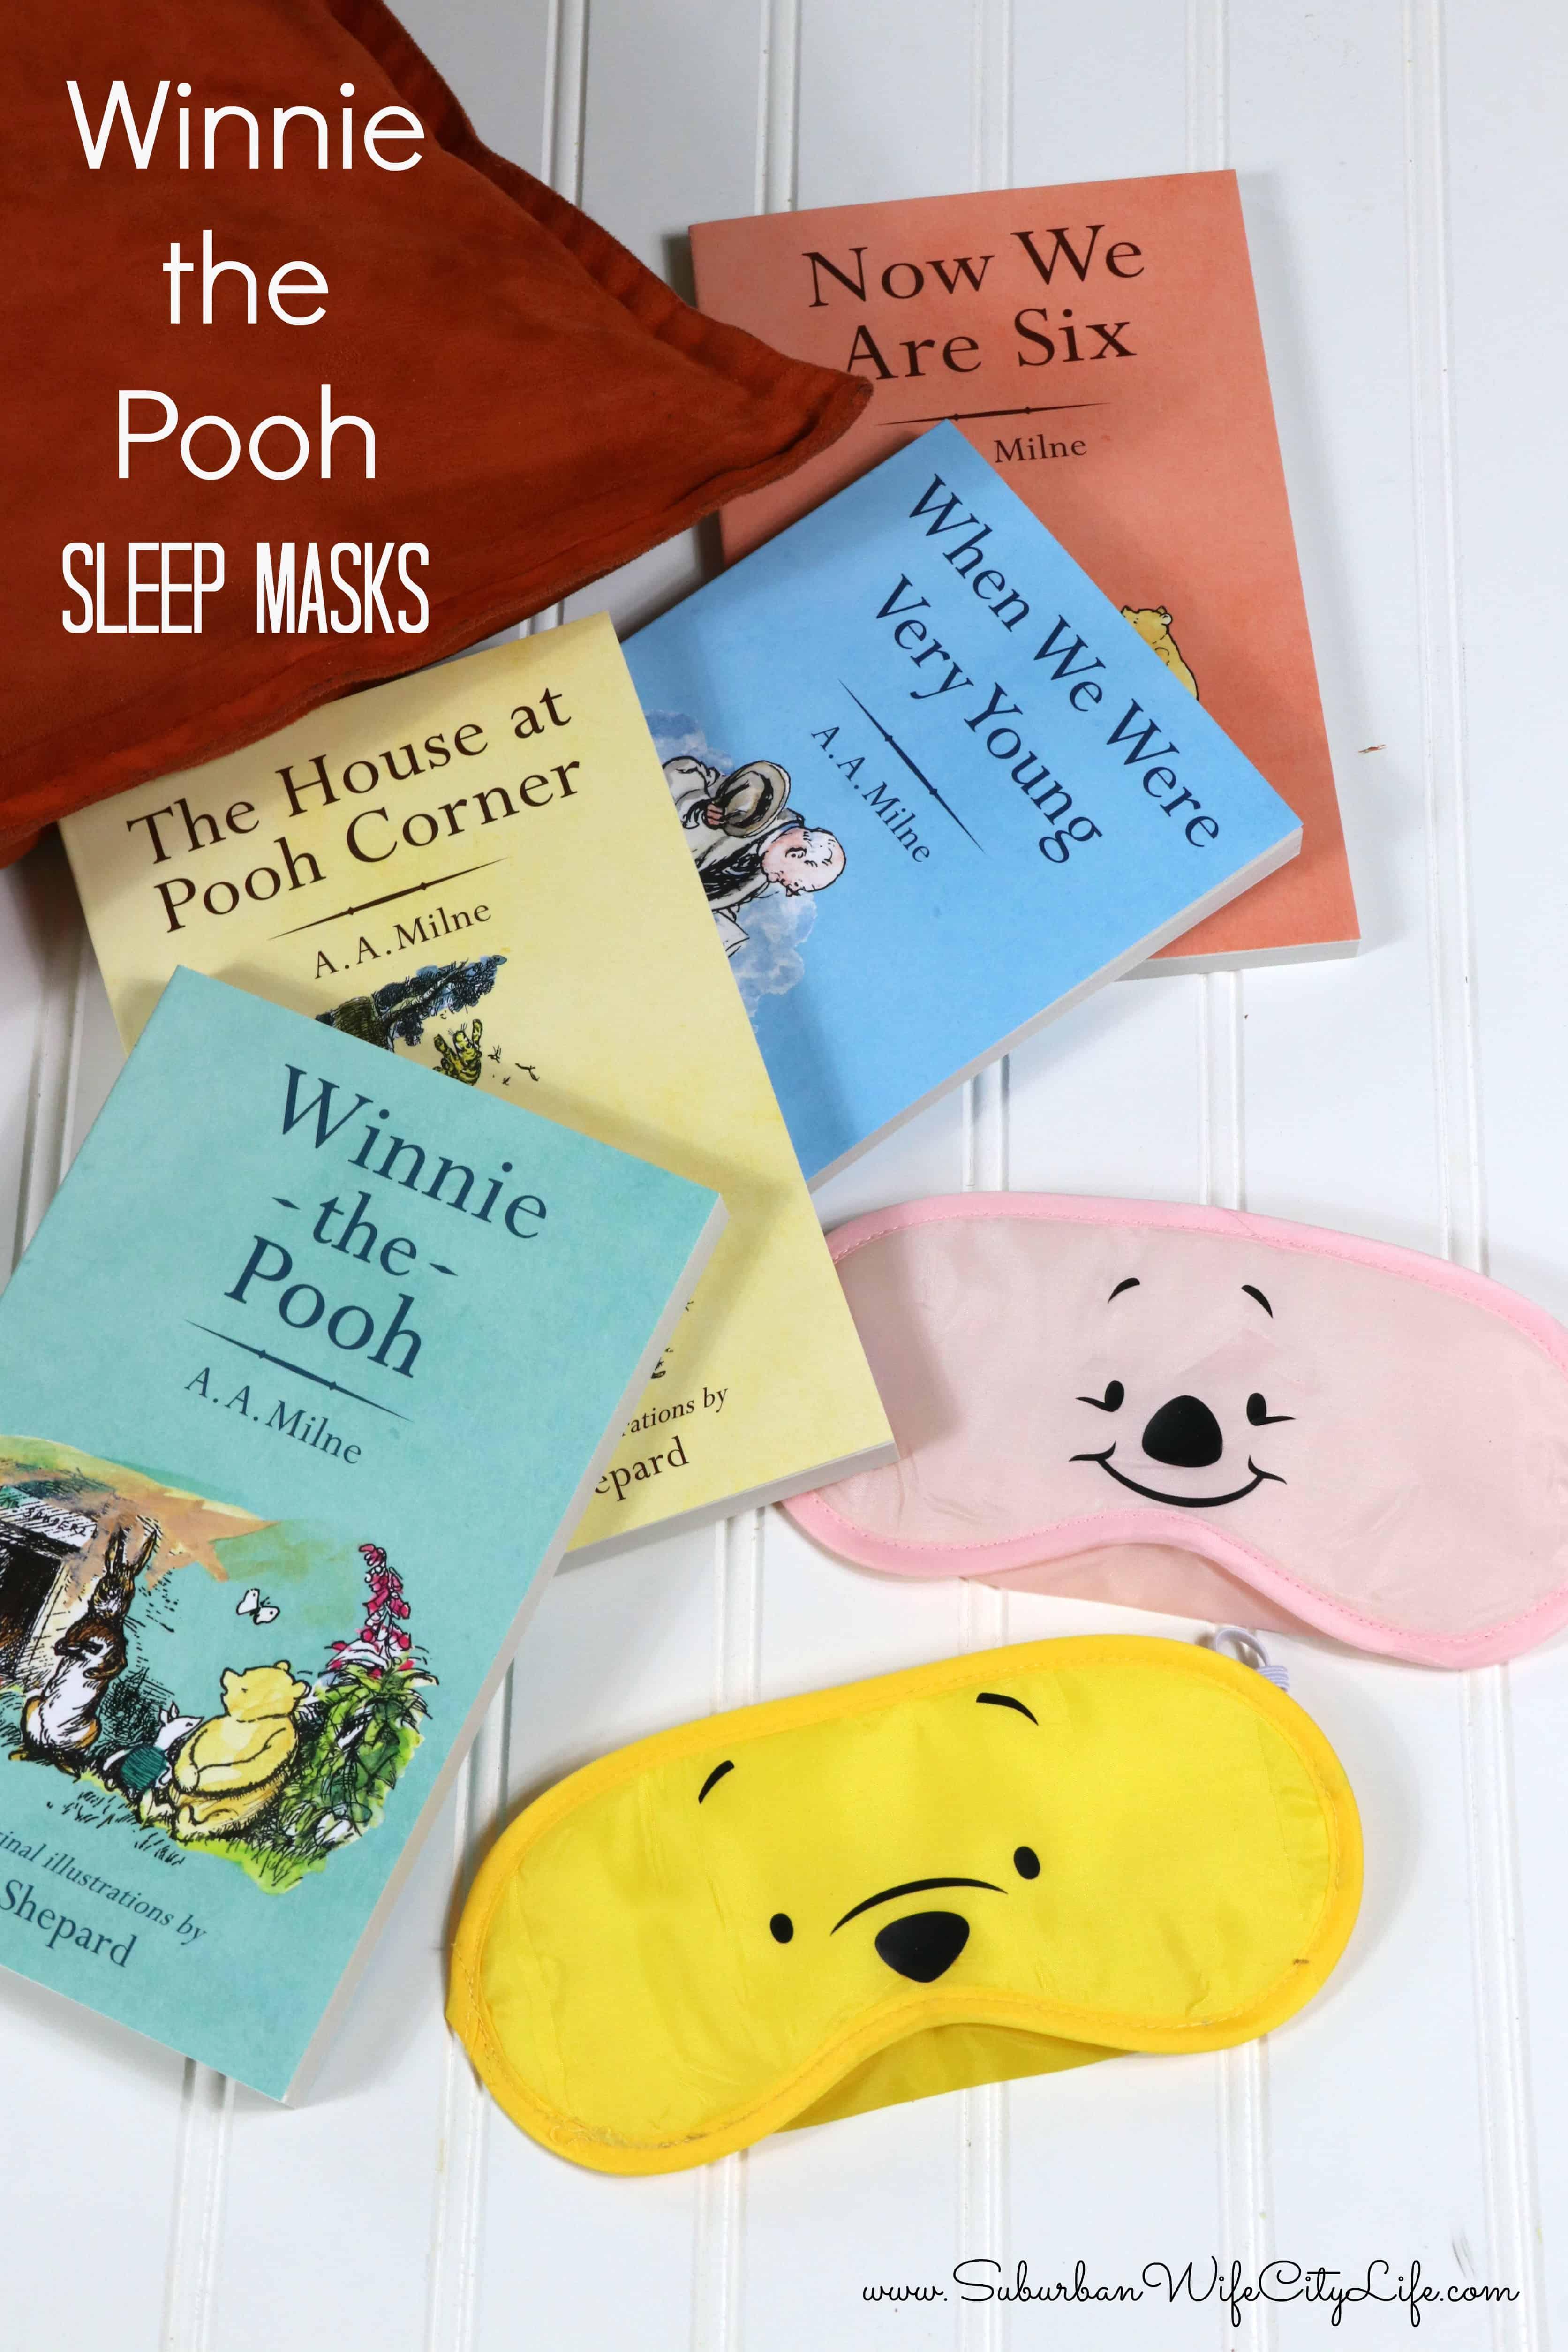 Winnie the Pooh Sleep Masks